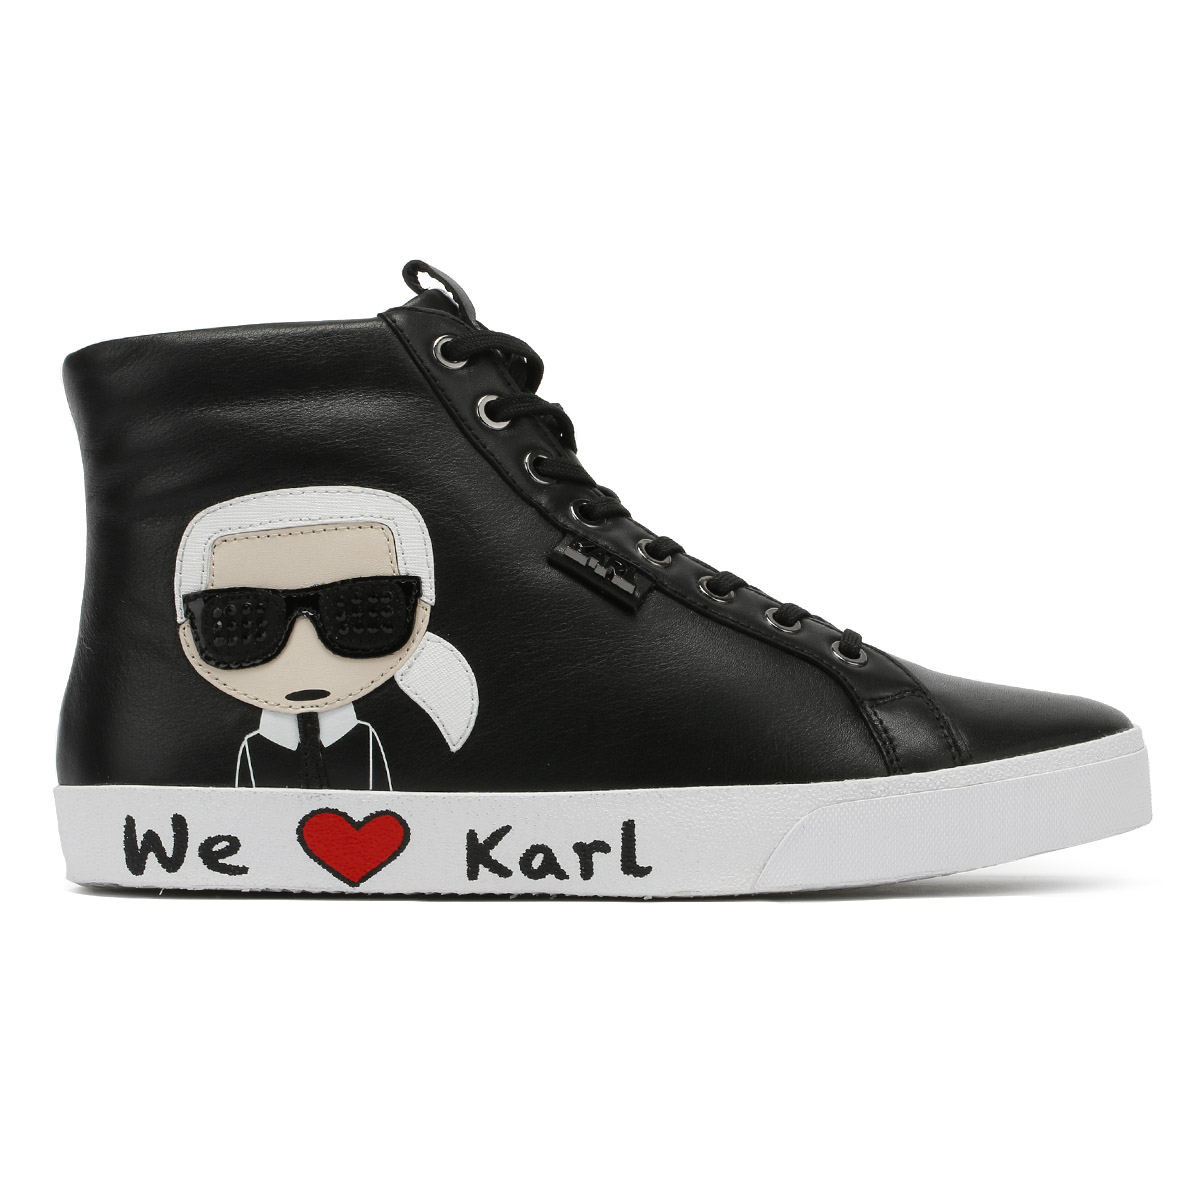 35f5d56e01d Karl Lagerfeld Womens Trainers Skool Ikonic Black Lace Up Ladies Hi ...